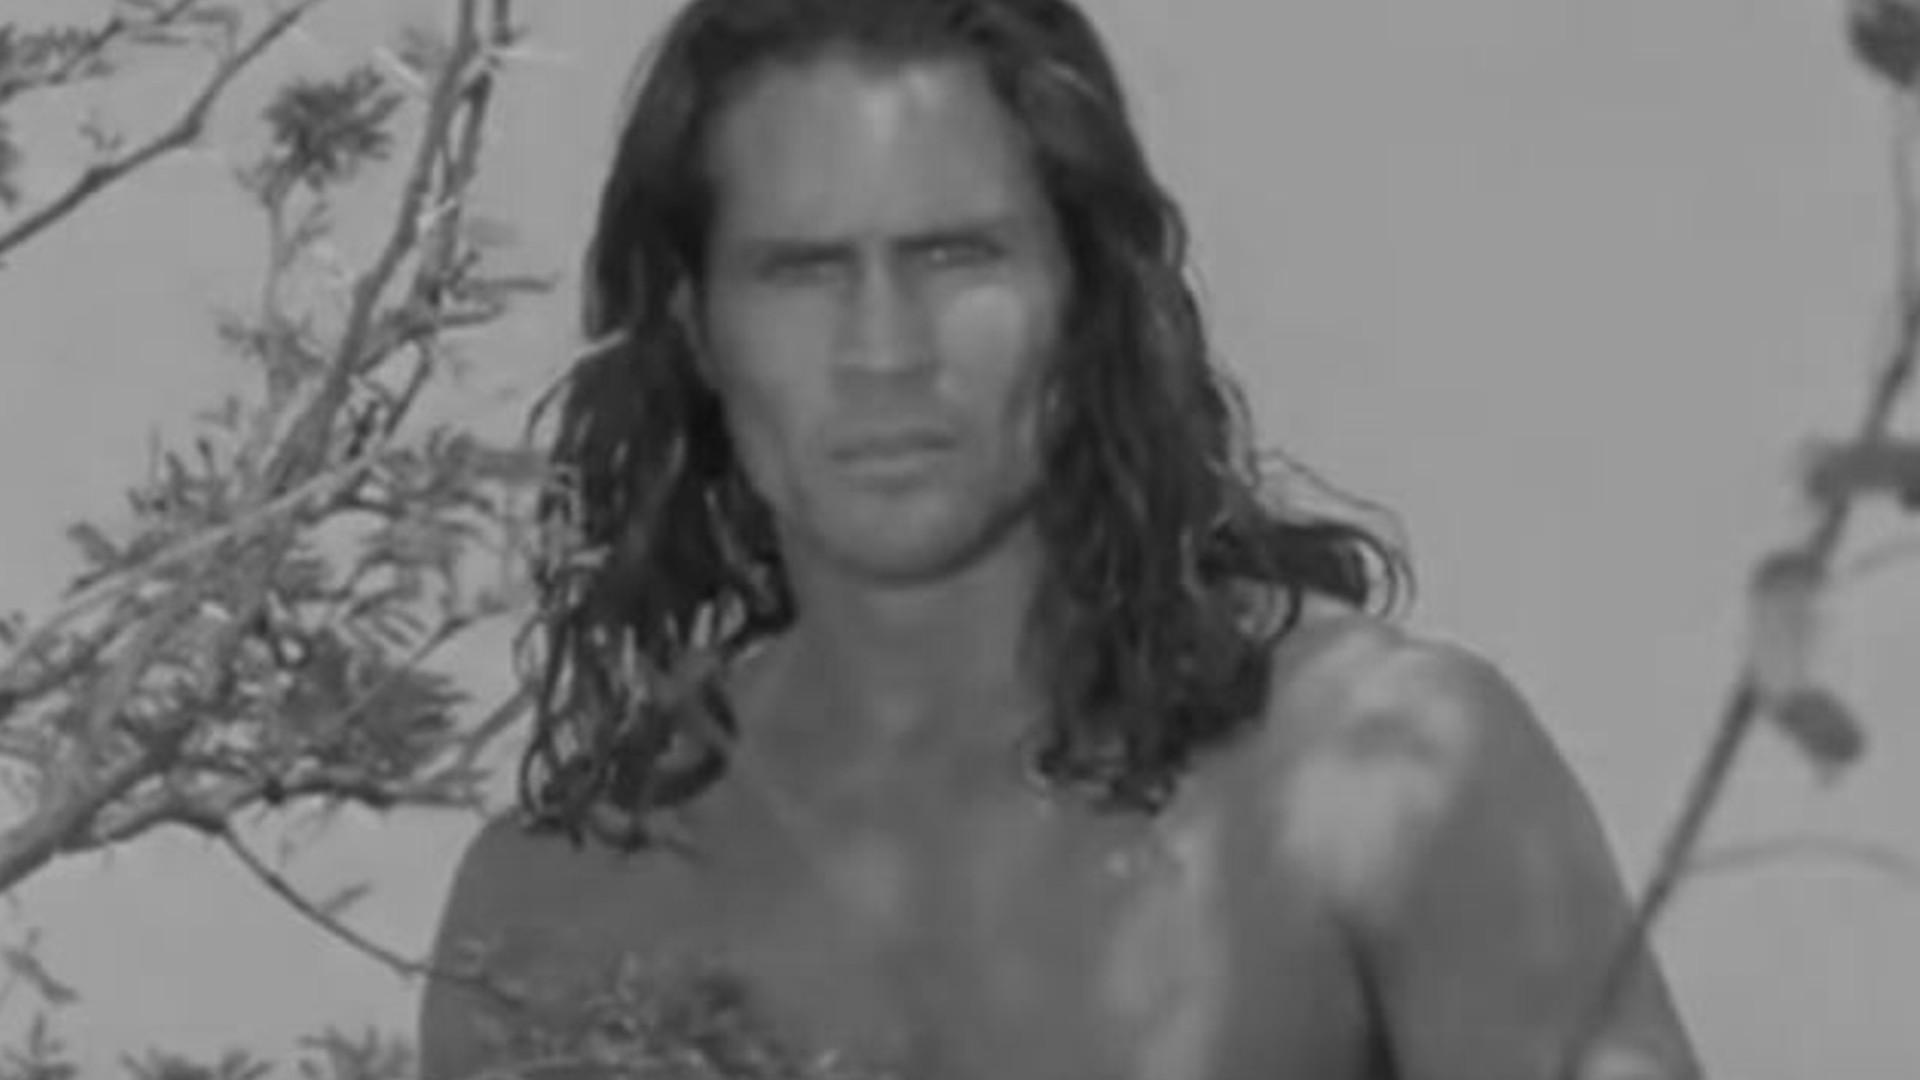 Nie żyje Joe Lara, znany z roli Tarzana. Zginął wraz z żoną w katastrofie lotniczej